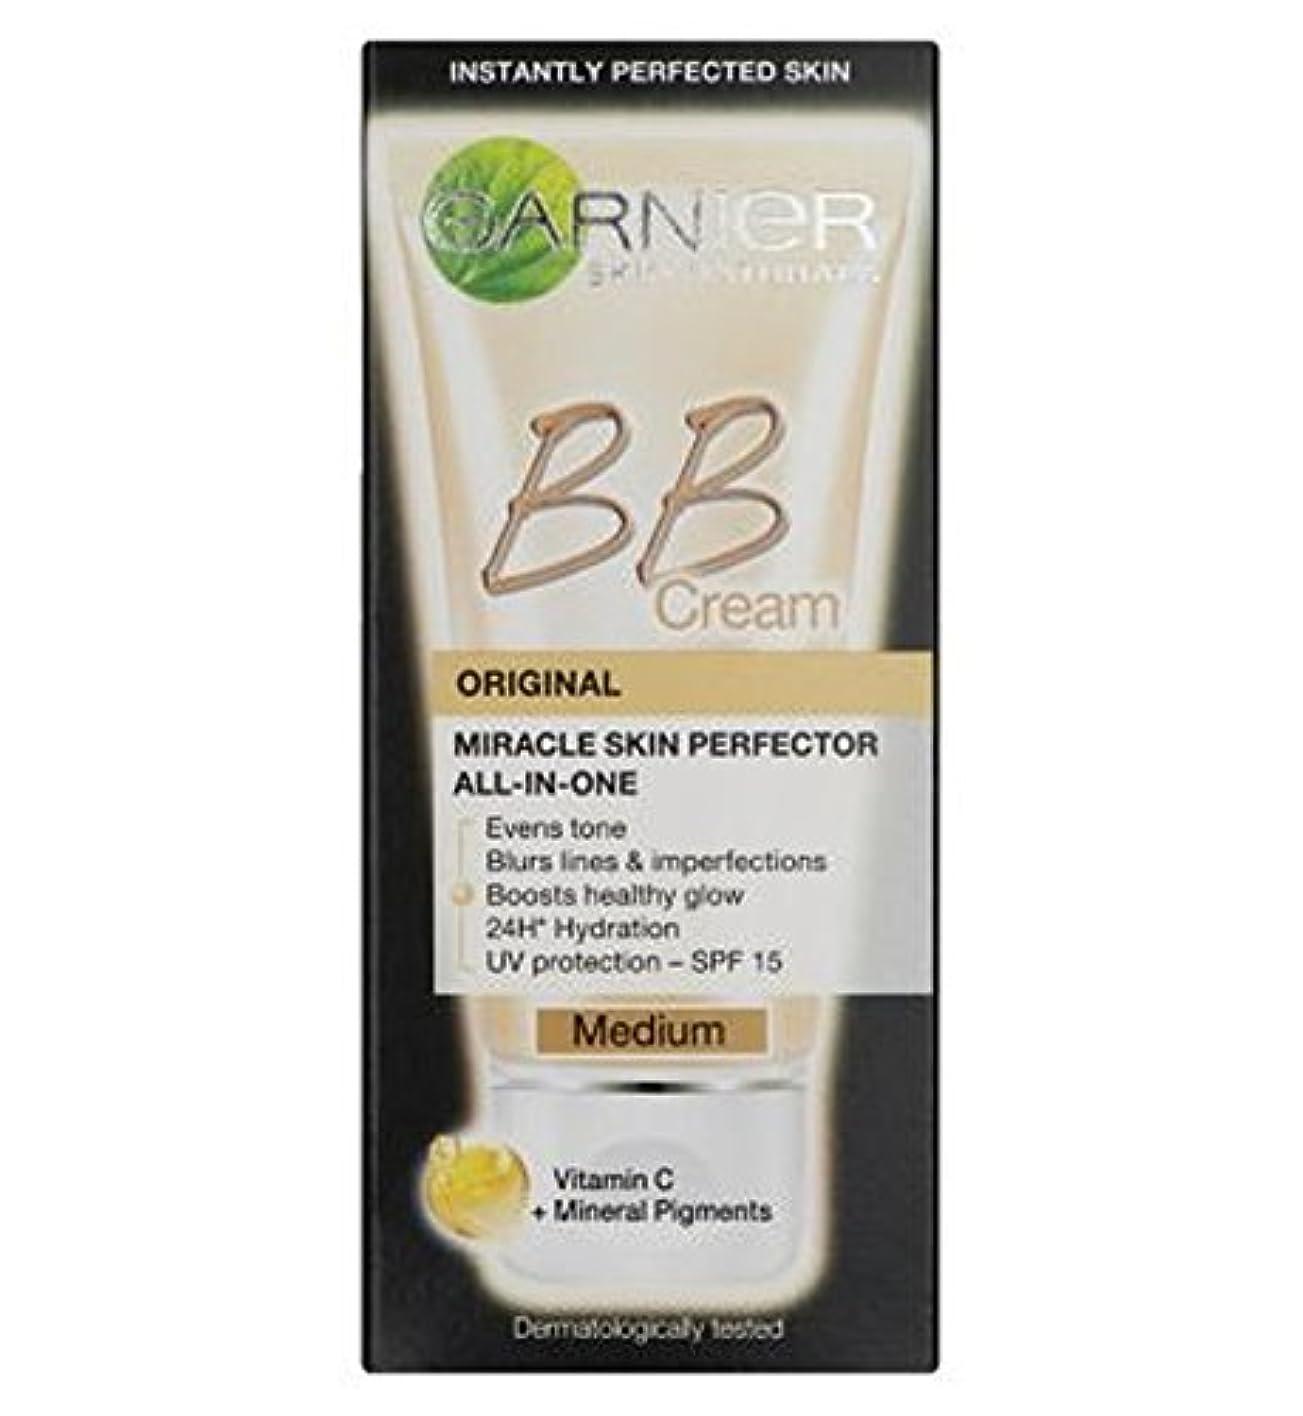 ボトル保有者フレームワークGarnier Skin Perfector Daily All-In-One B.B. Blemish Balm Cream Medium 50ml - 毎日オールインワンB.B.ガルニエスキンパーフェク傷バームクリーム...